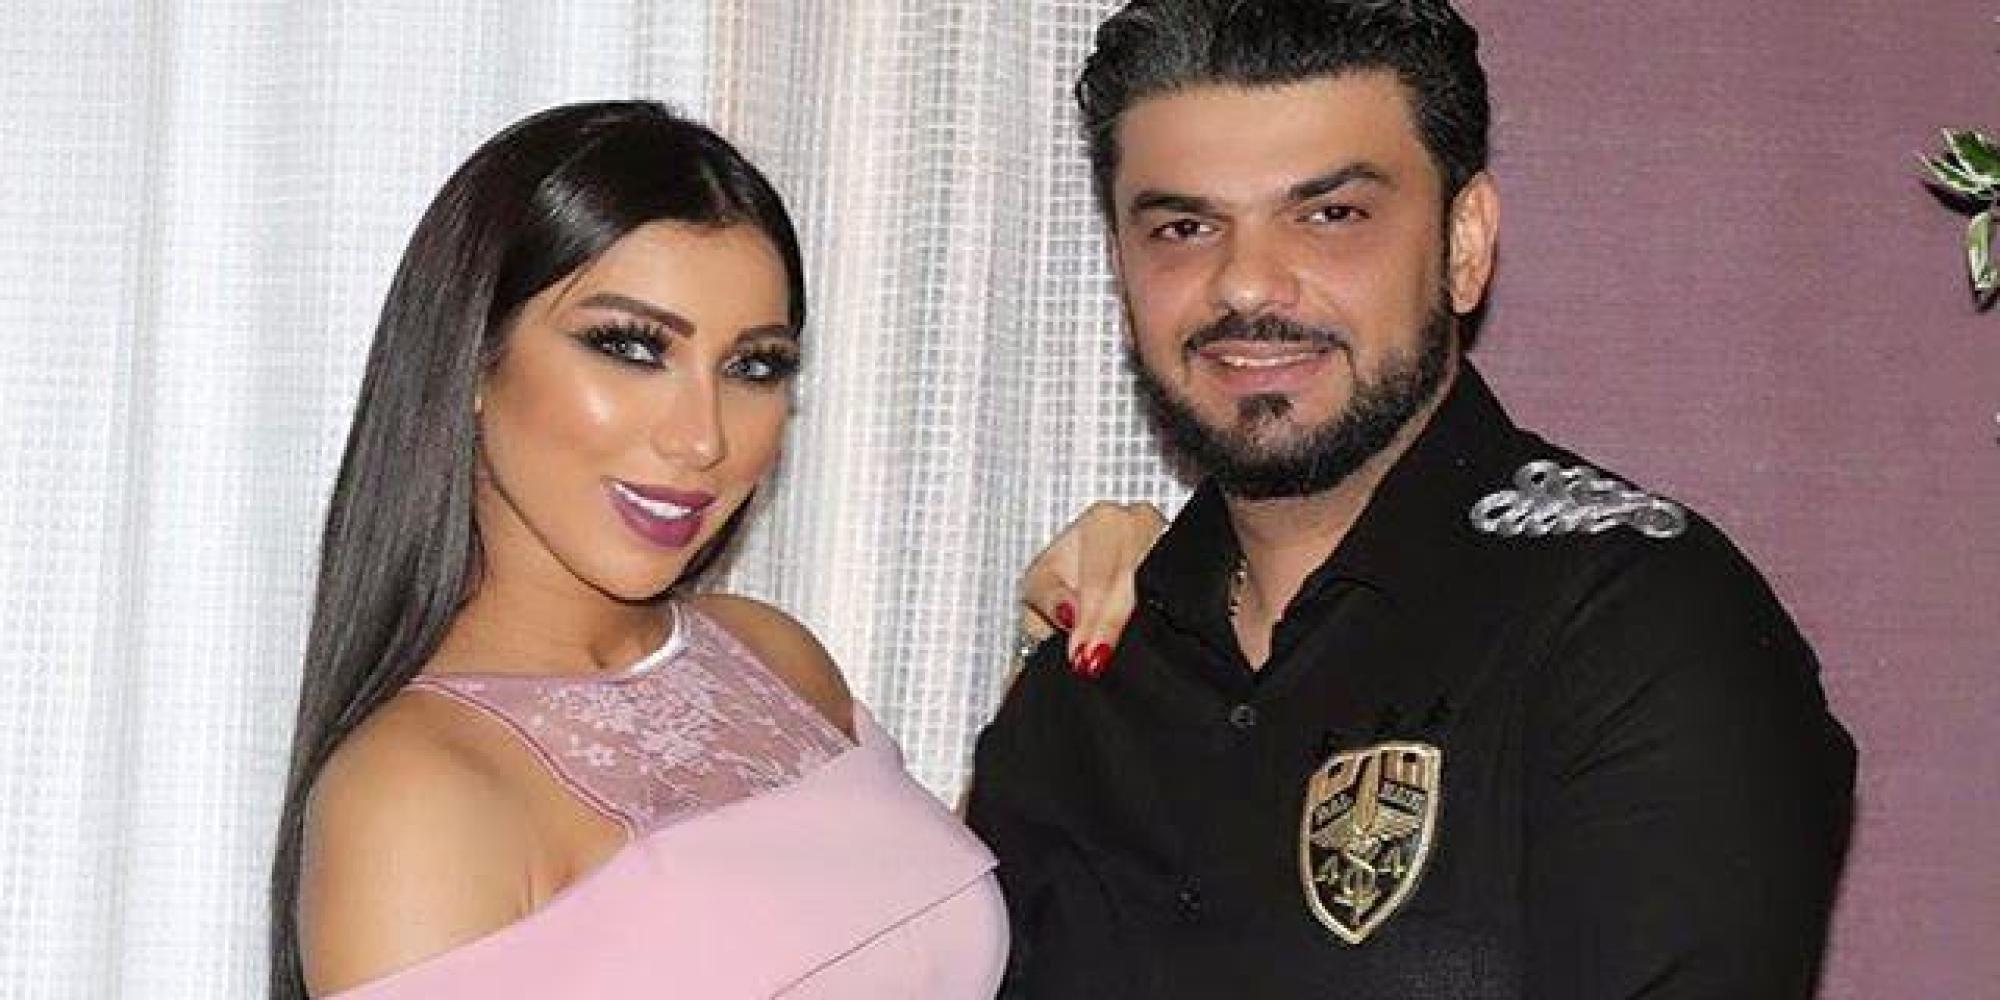 محمد الترك يهدد باللجوء للقانون إذا أصدرت ابنته حلا عملاً عن طريق شركة أخرى